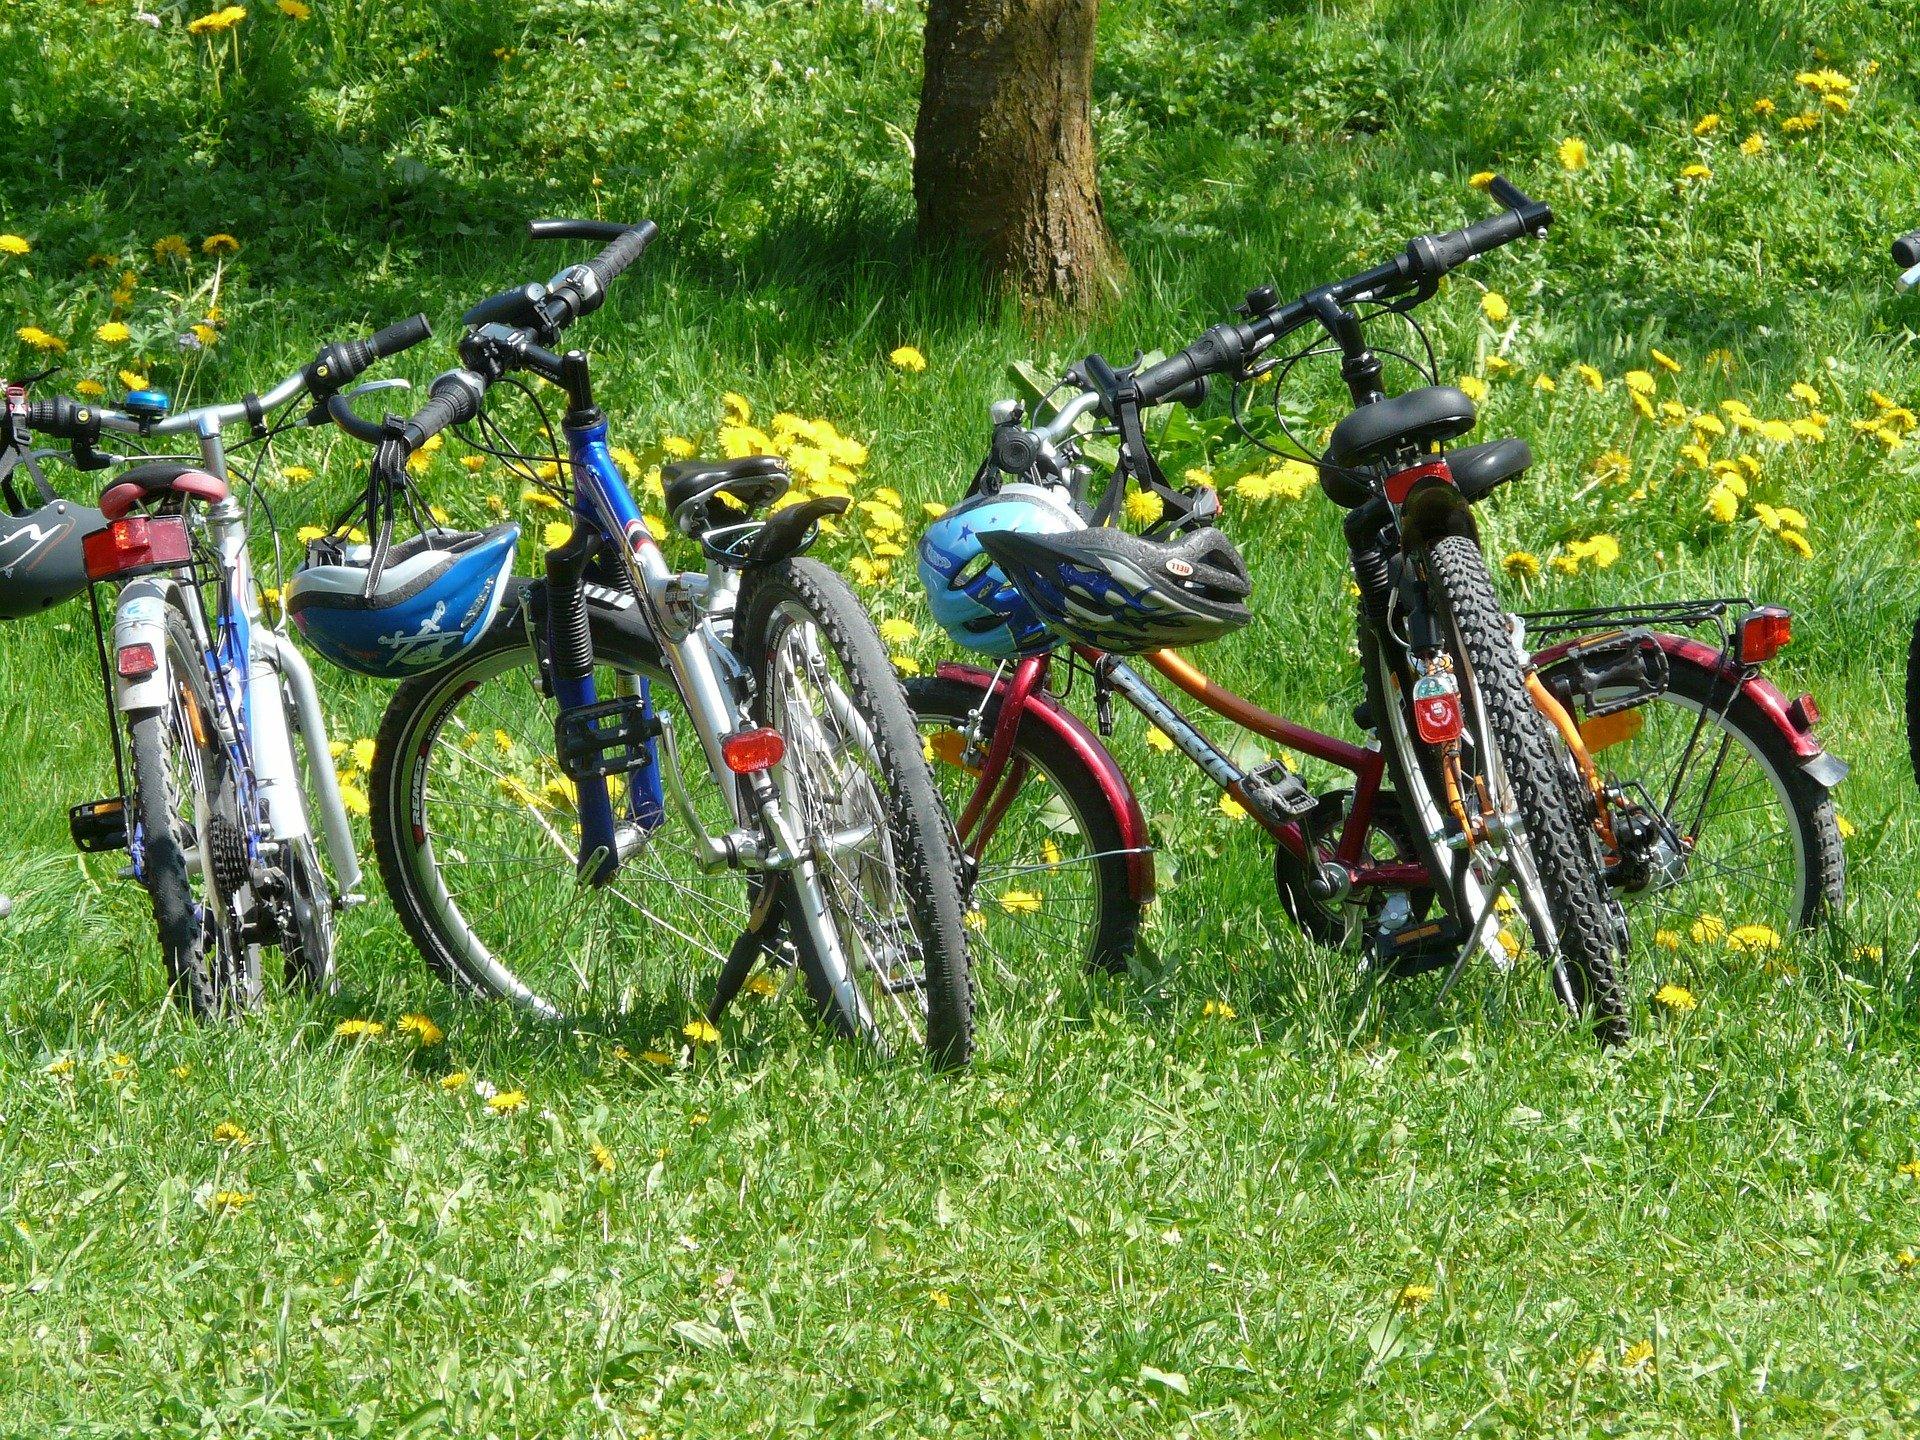 Fahrräder, Fahrrad, Familienausflug, Radtour, Radeln